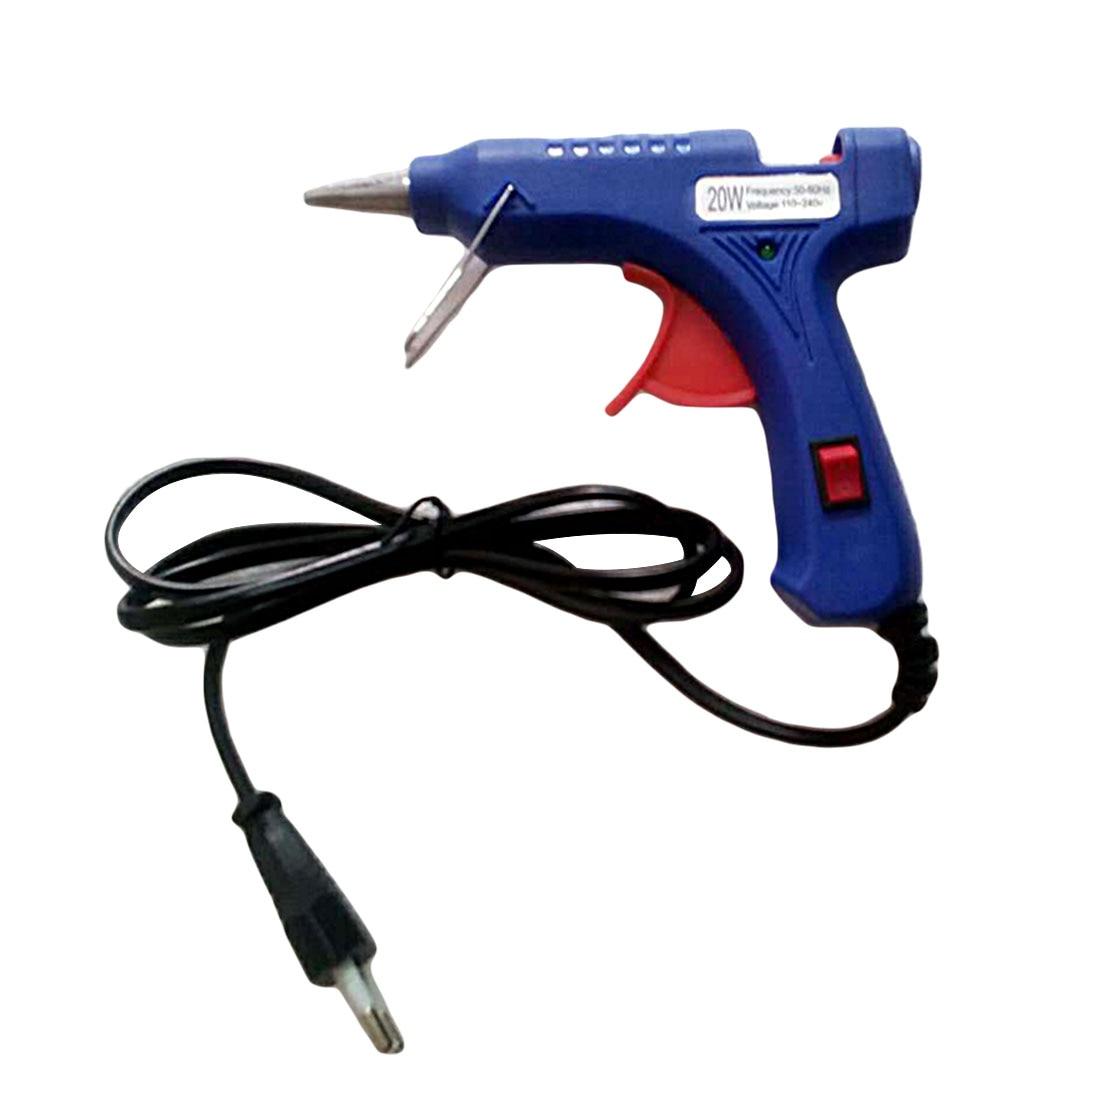 Супер предложение 1 Вт шт. 20 Вт ЕС Plug термоплавкий клеевой пистолет промышленные мини пистолеты термо Электрический Gluegun тепла температура инст